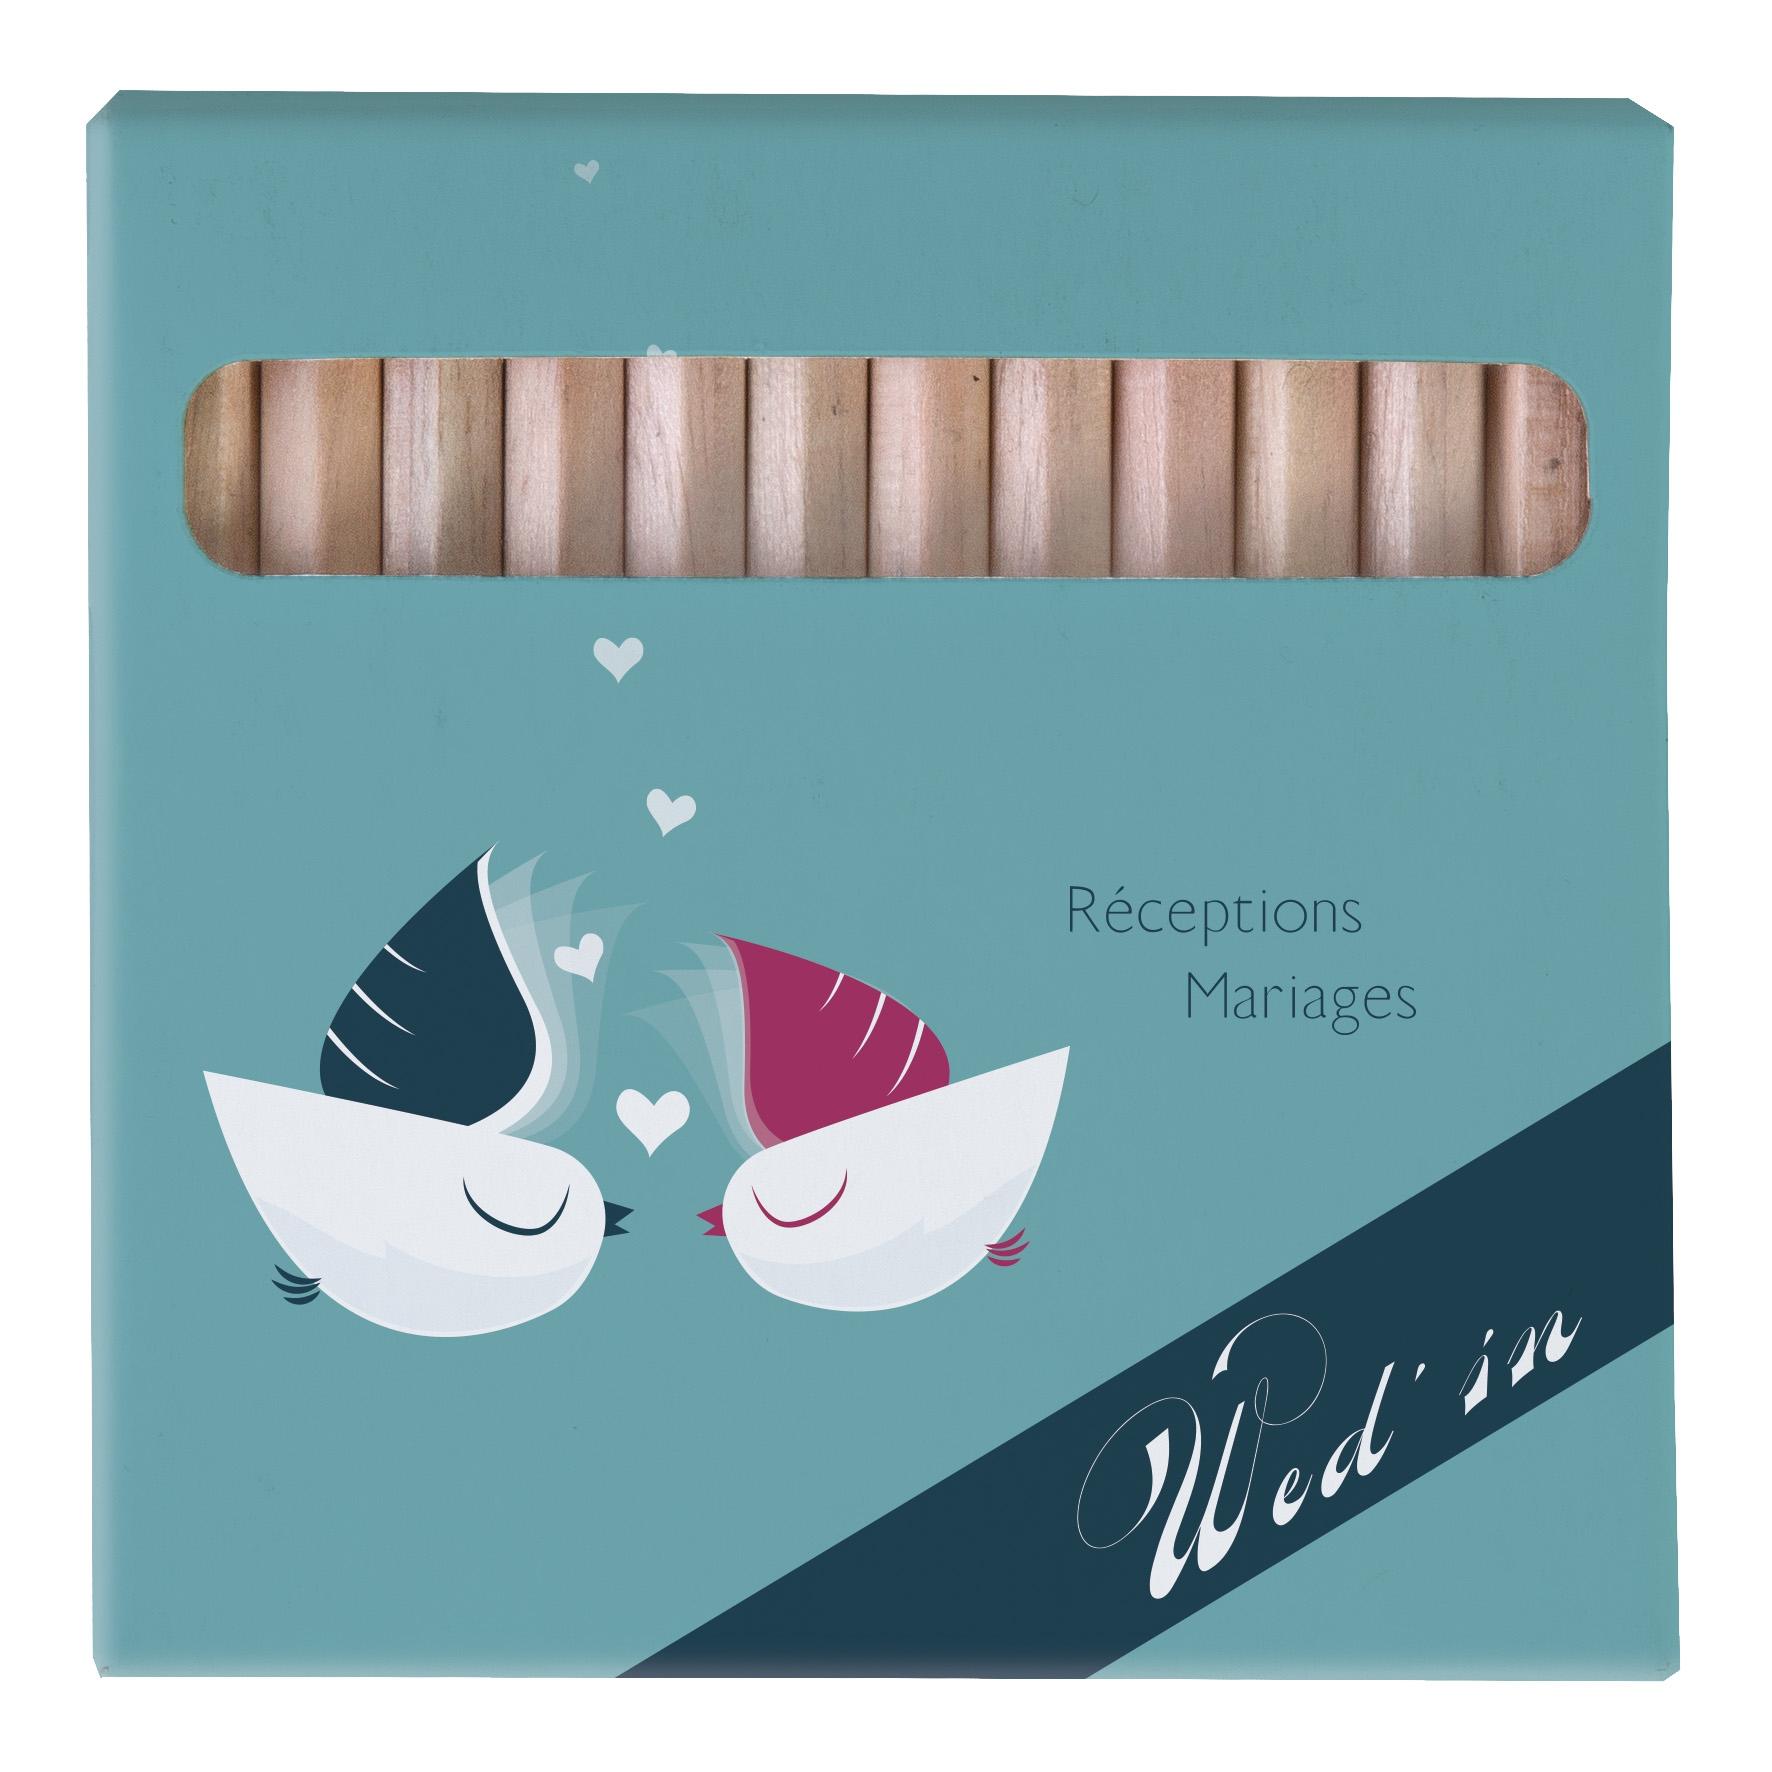 Etui kraft 12 crayons de couleurs publicitaires bois certifié Eco 8,7 - objet publicitaire écologique